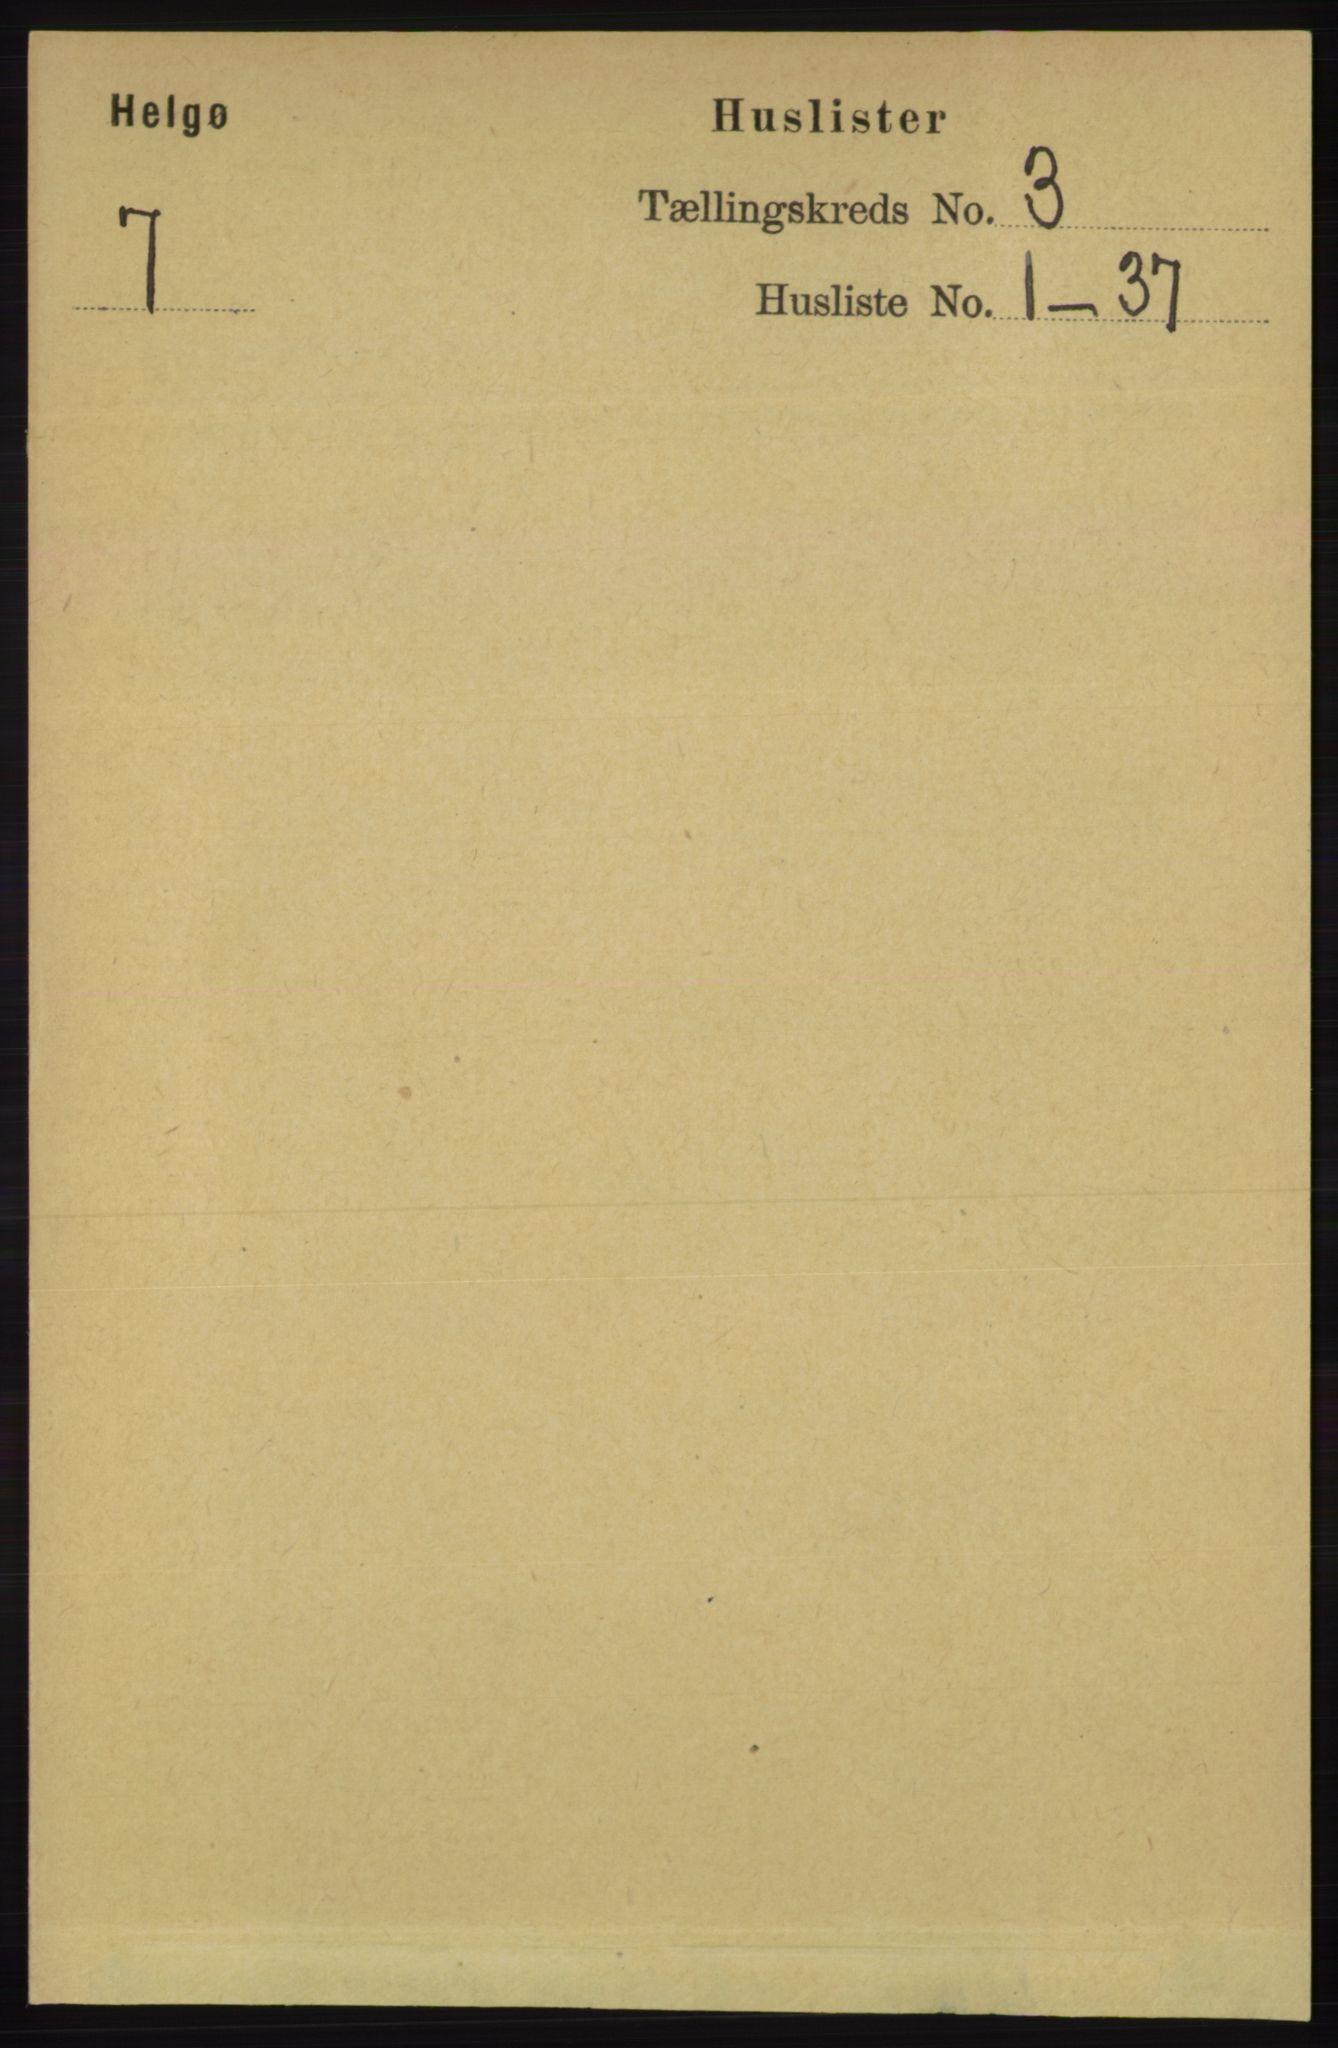 RA, Folketelling 1891 for 1935 Helgøy herred, 1891, s. 700